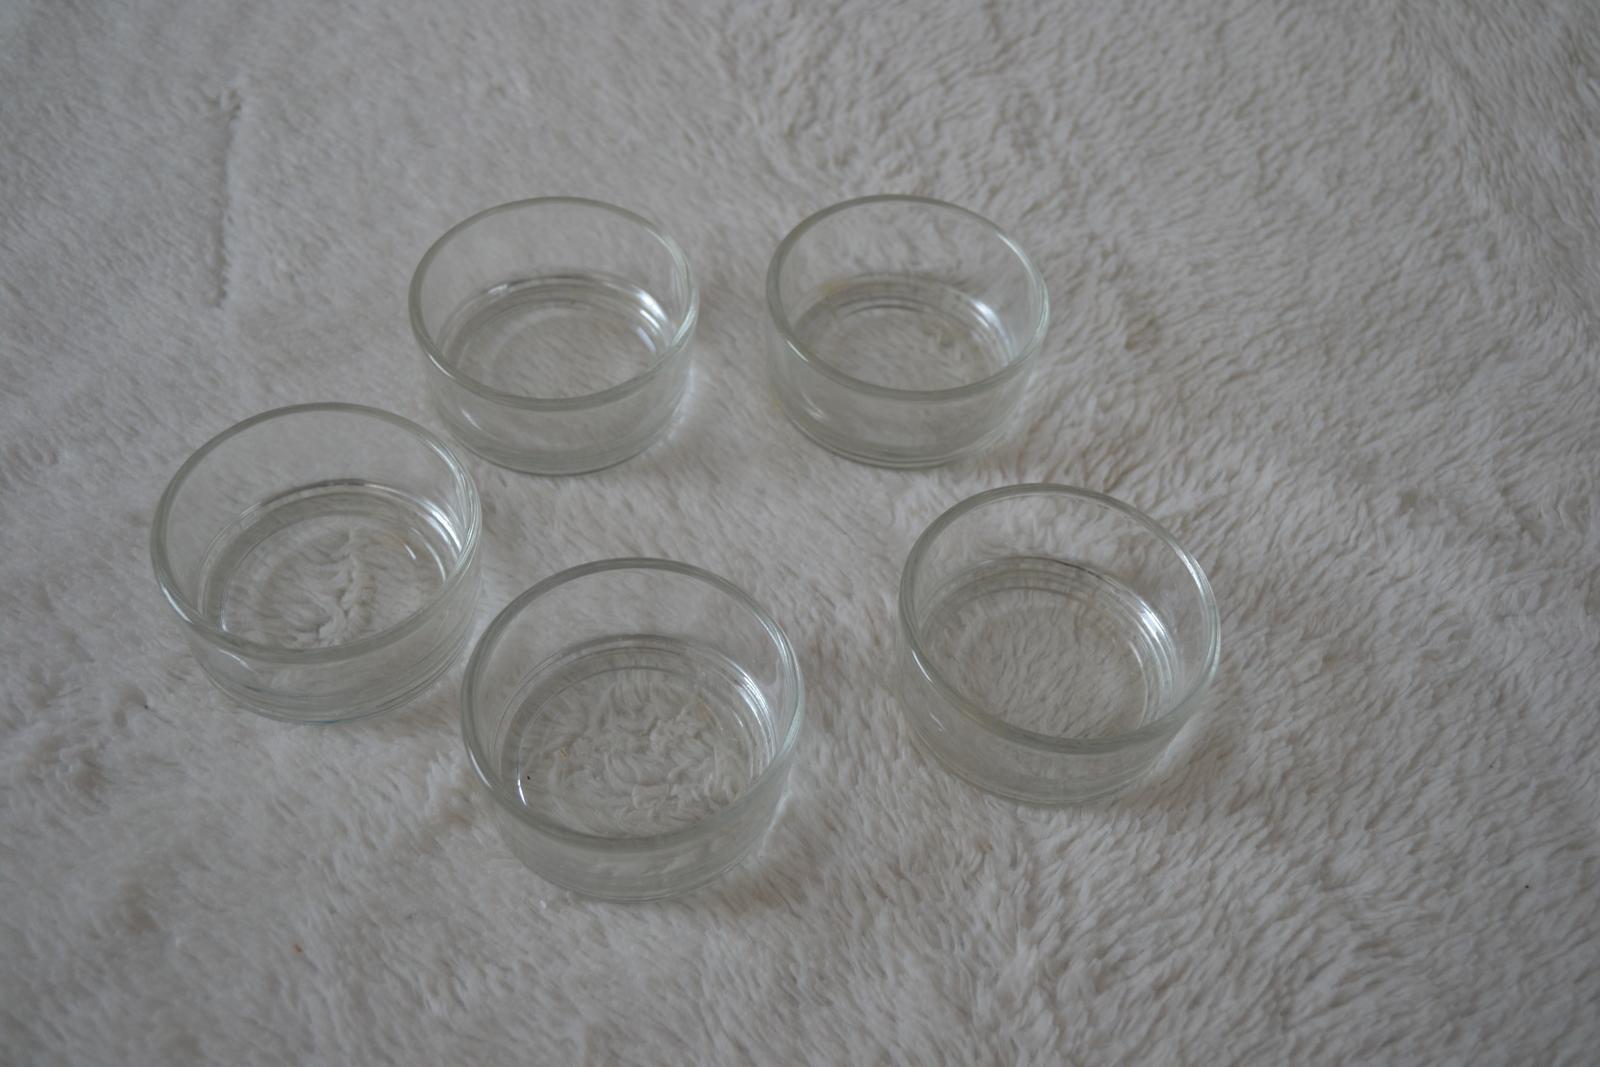 Svietniky na malé čajové sviečky - Obrázok č. 1